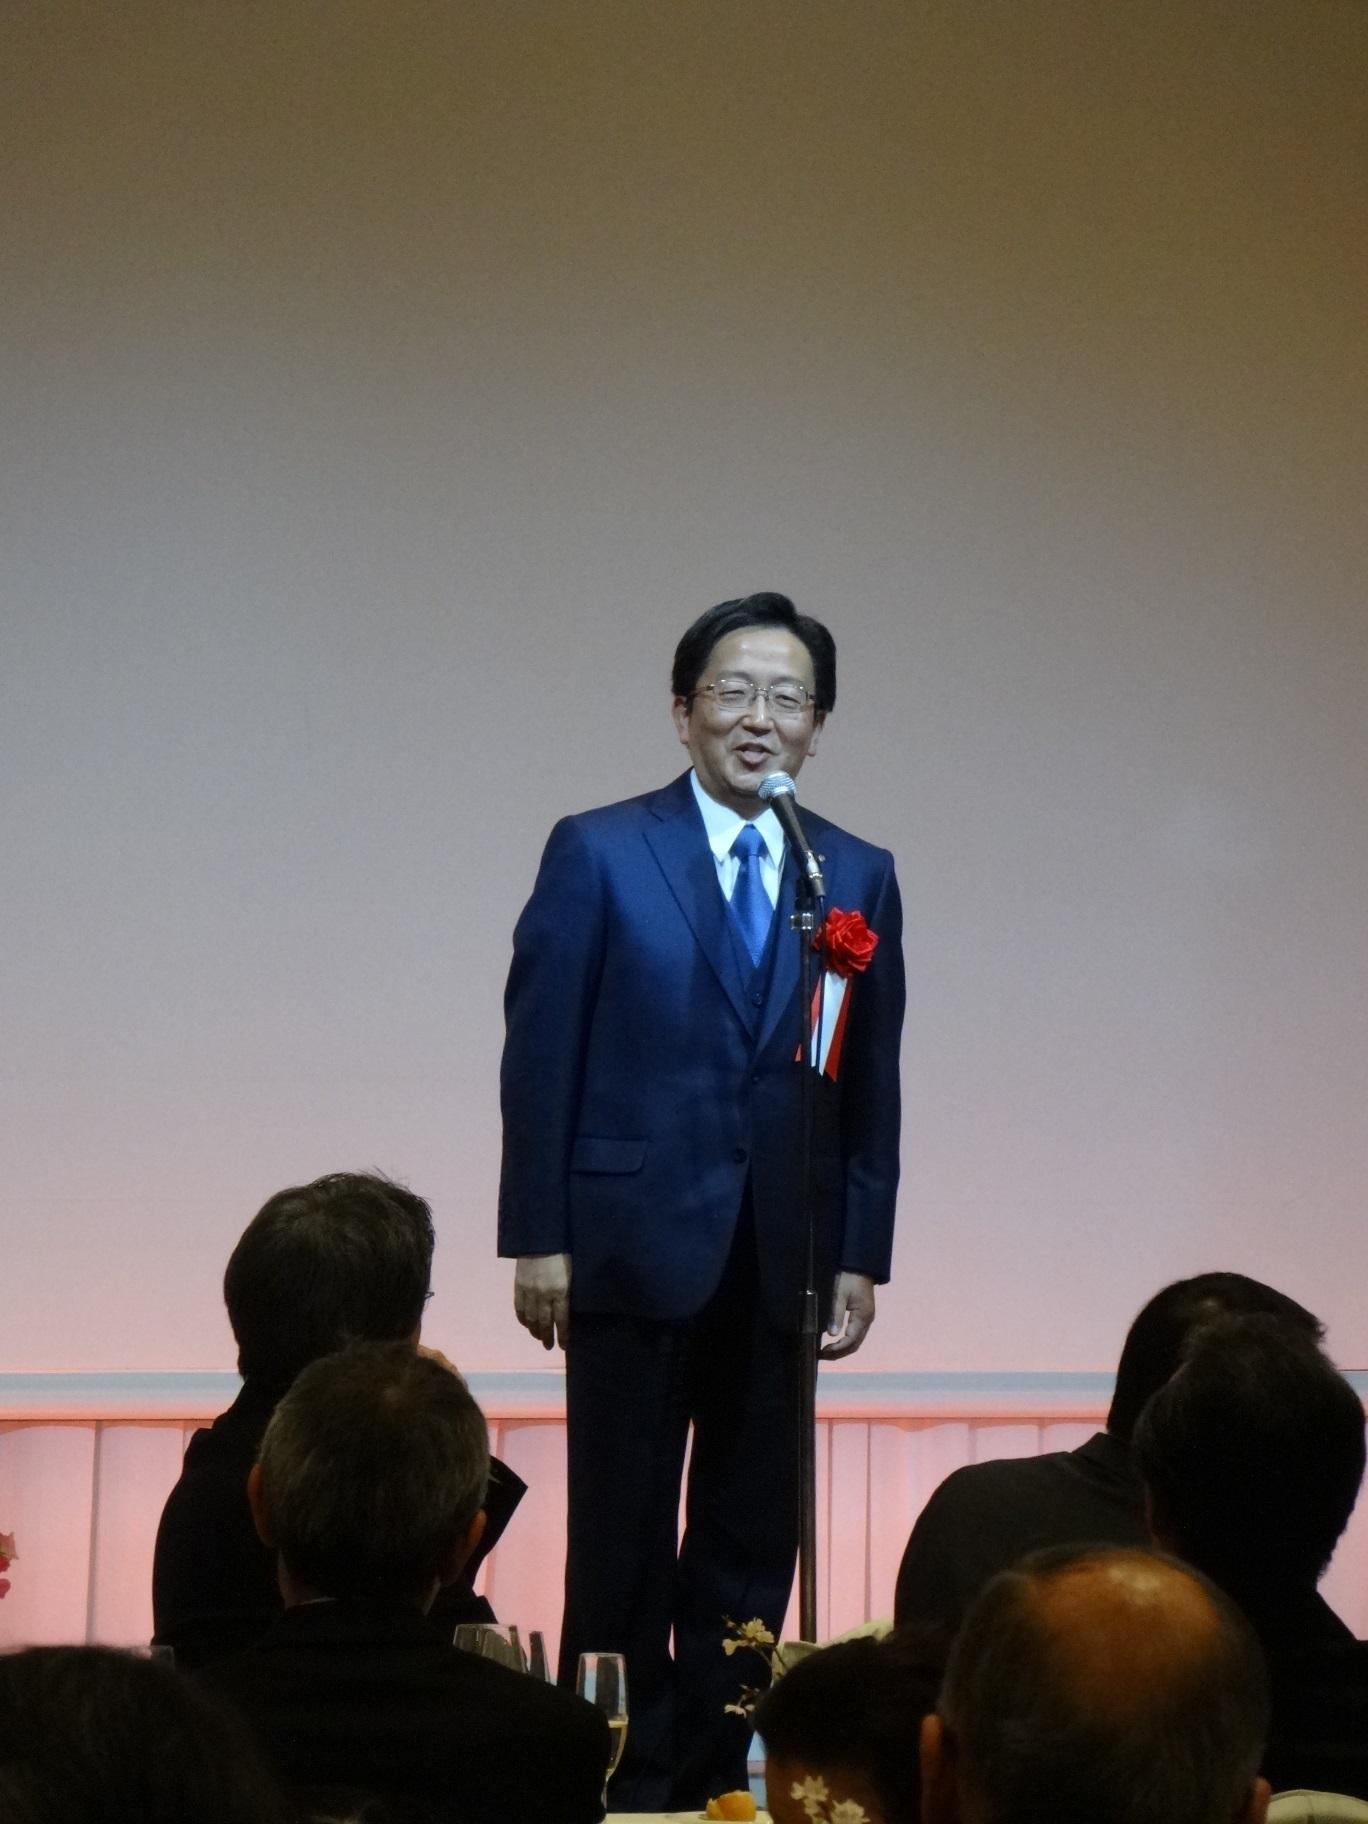 谷本光音教授就任15周年記念祝賀会(那須保友先生御祝辞)